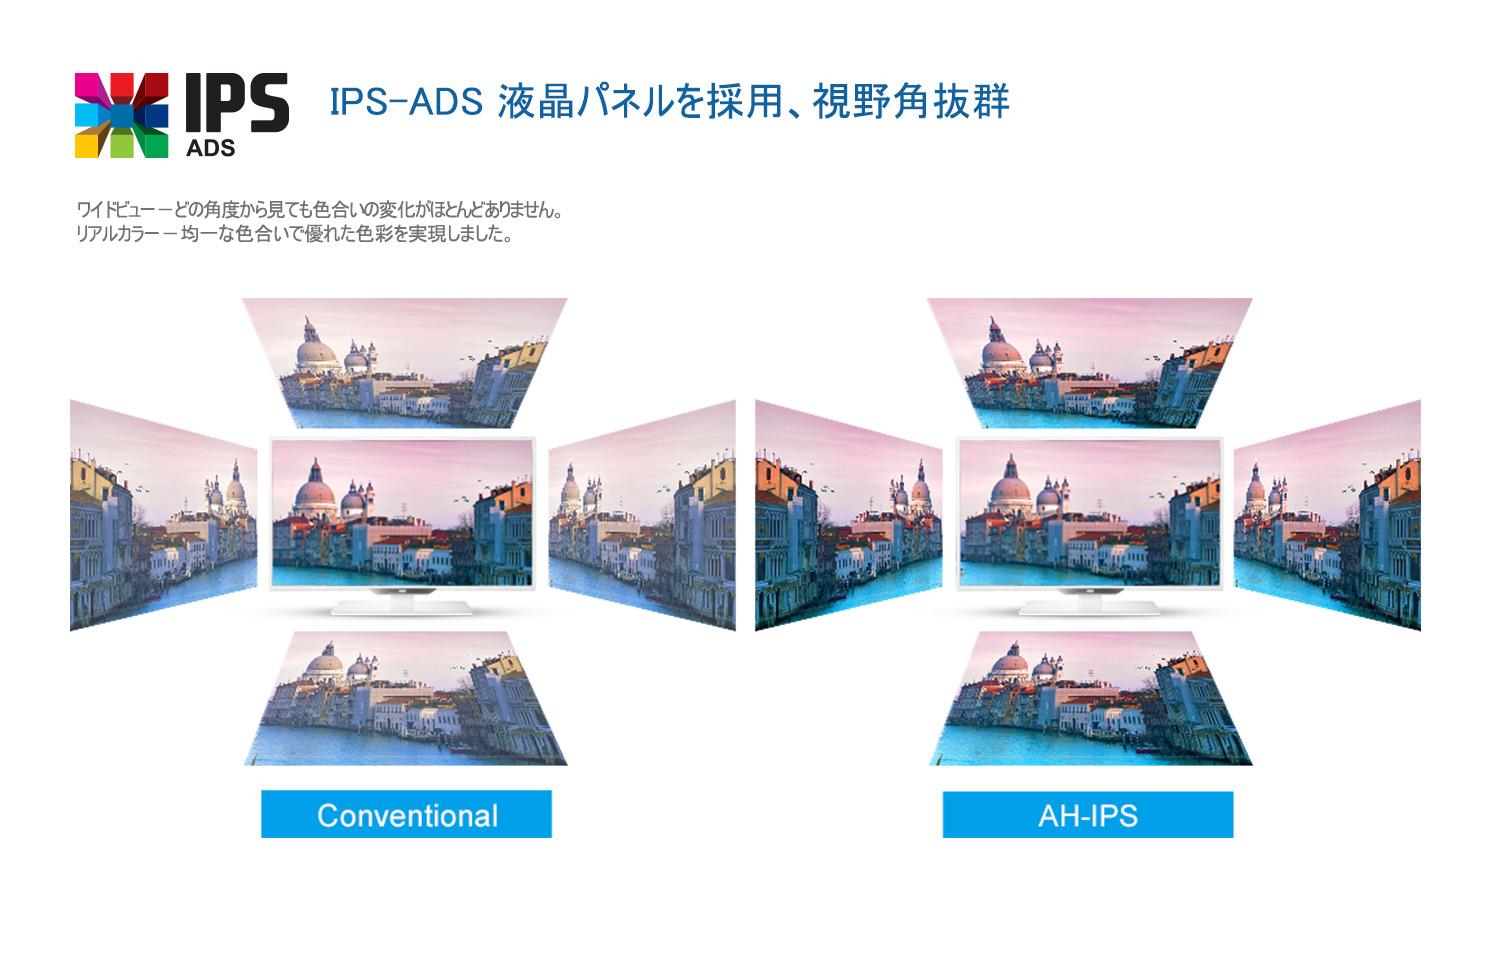 تکنولوژی AH-IPS یک گام فراتر از IPS